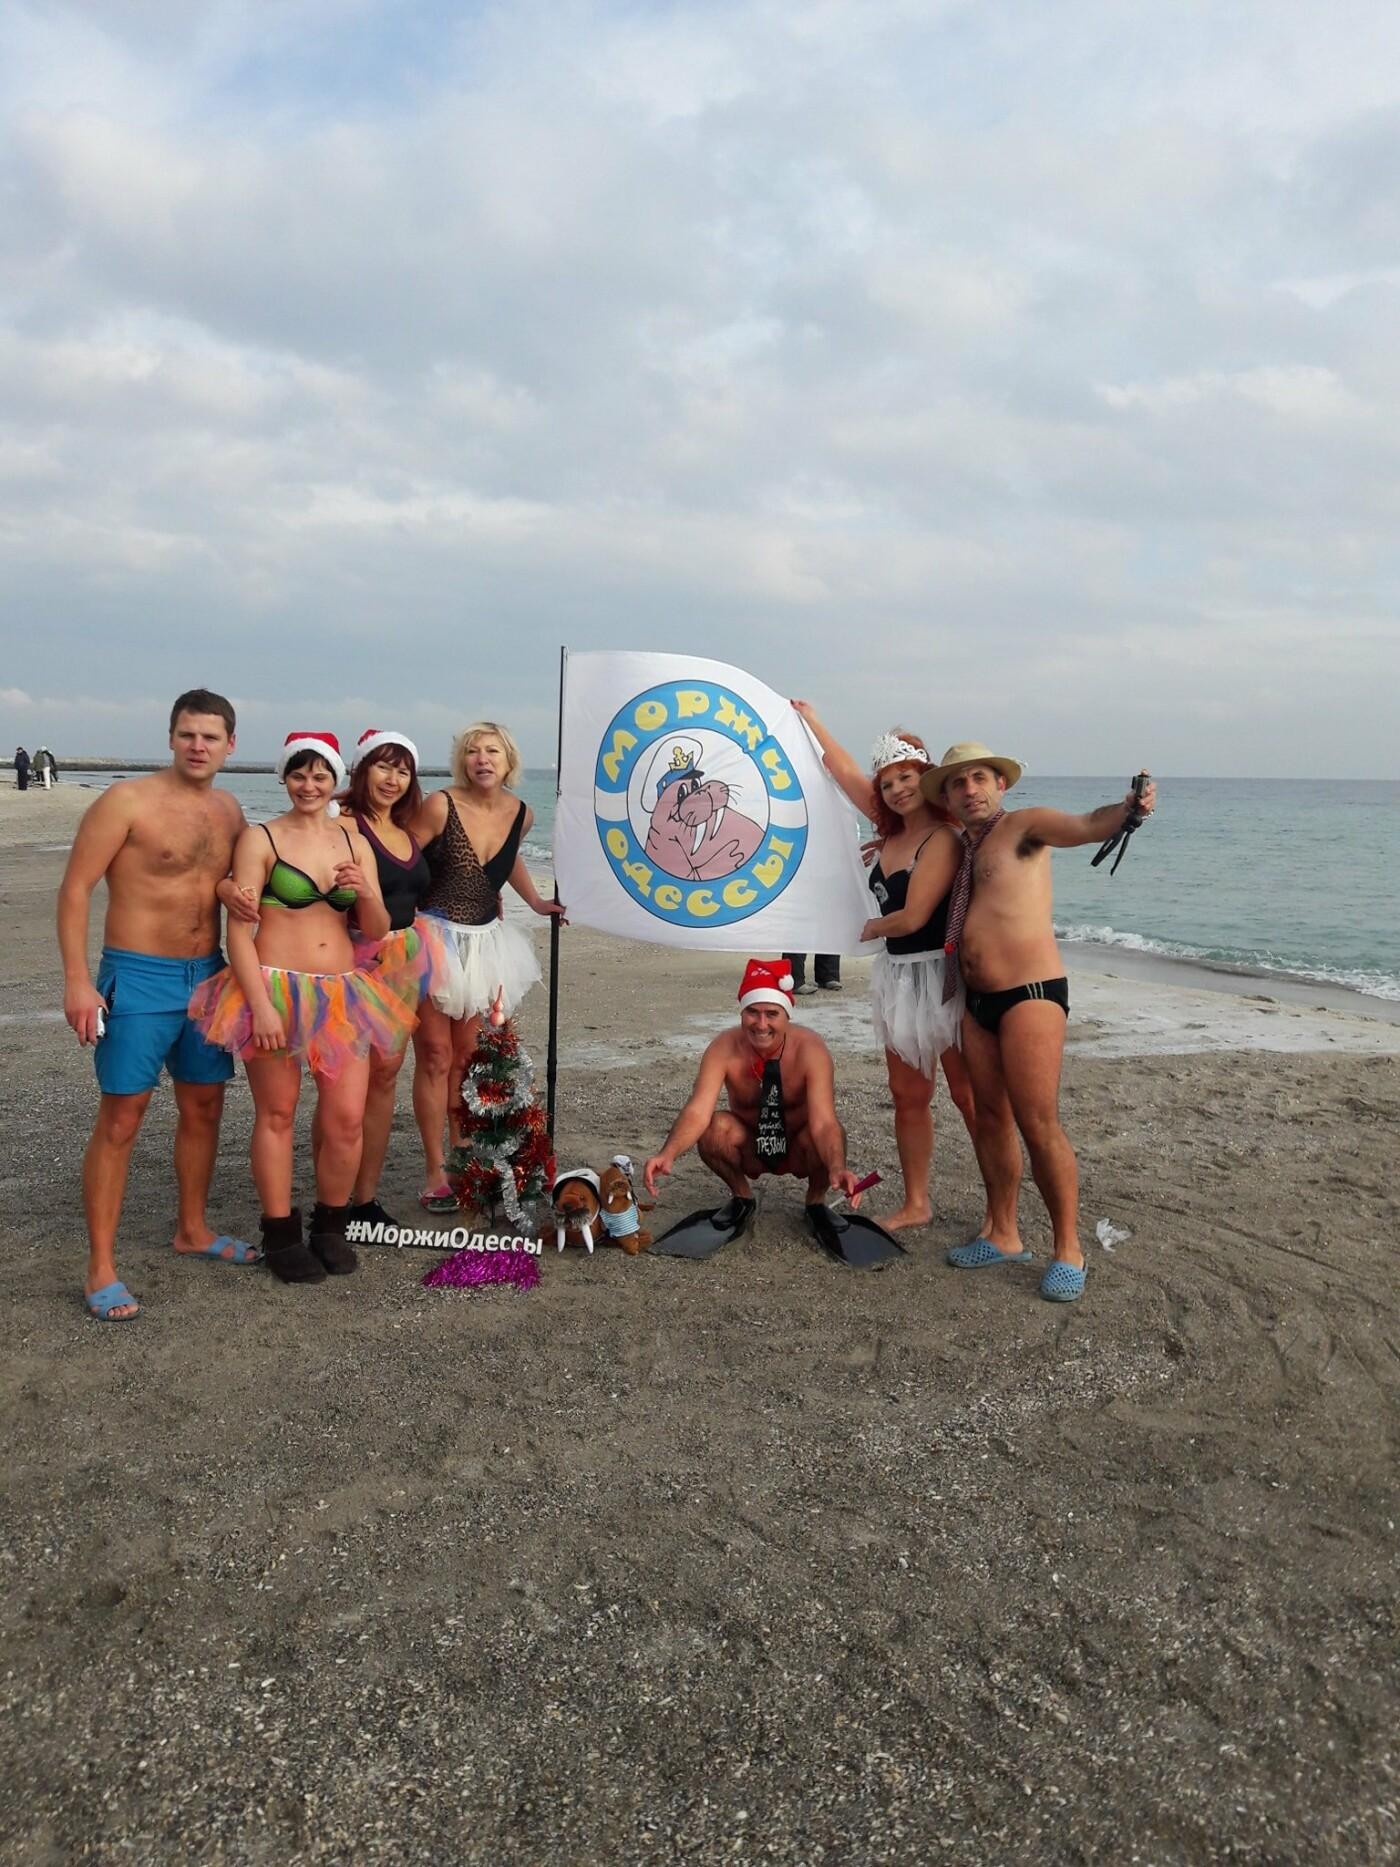 Одесситы отметили Рождество купанием в море, - ФОТО, фото-5